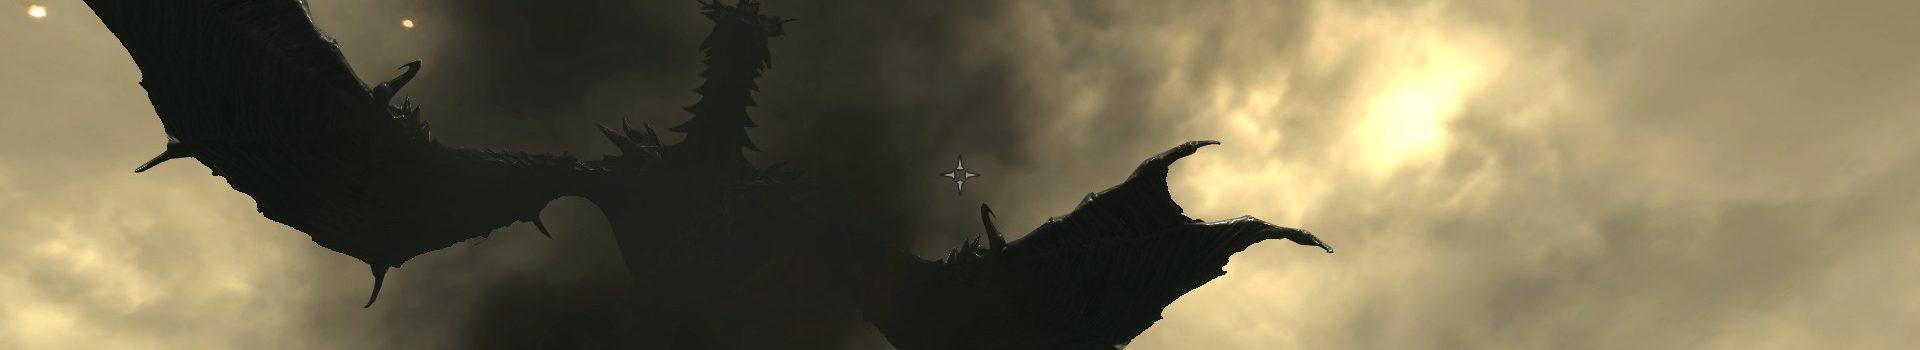 Elder Scrolls 5 – Skyrim